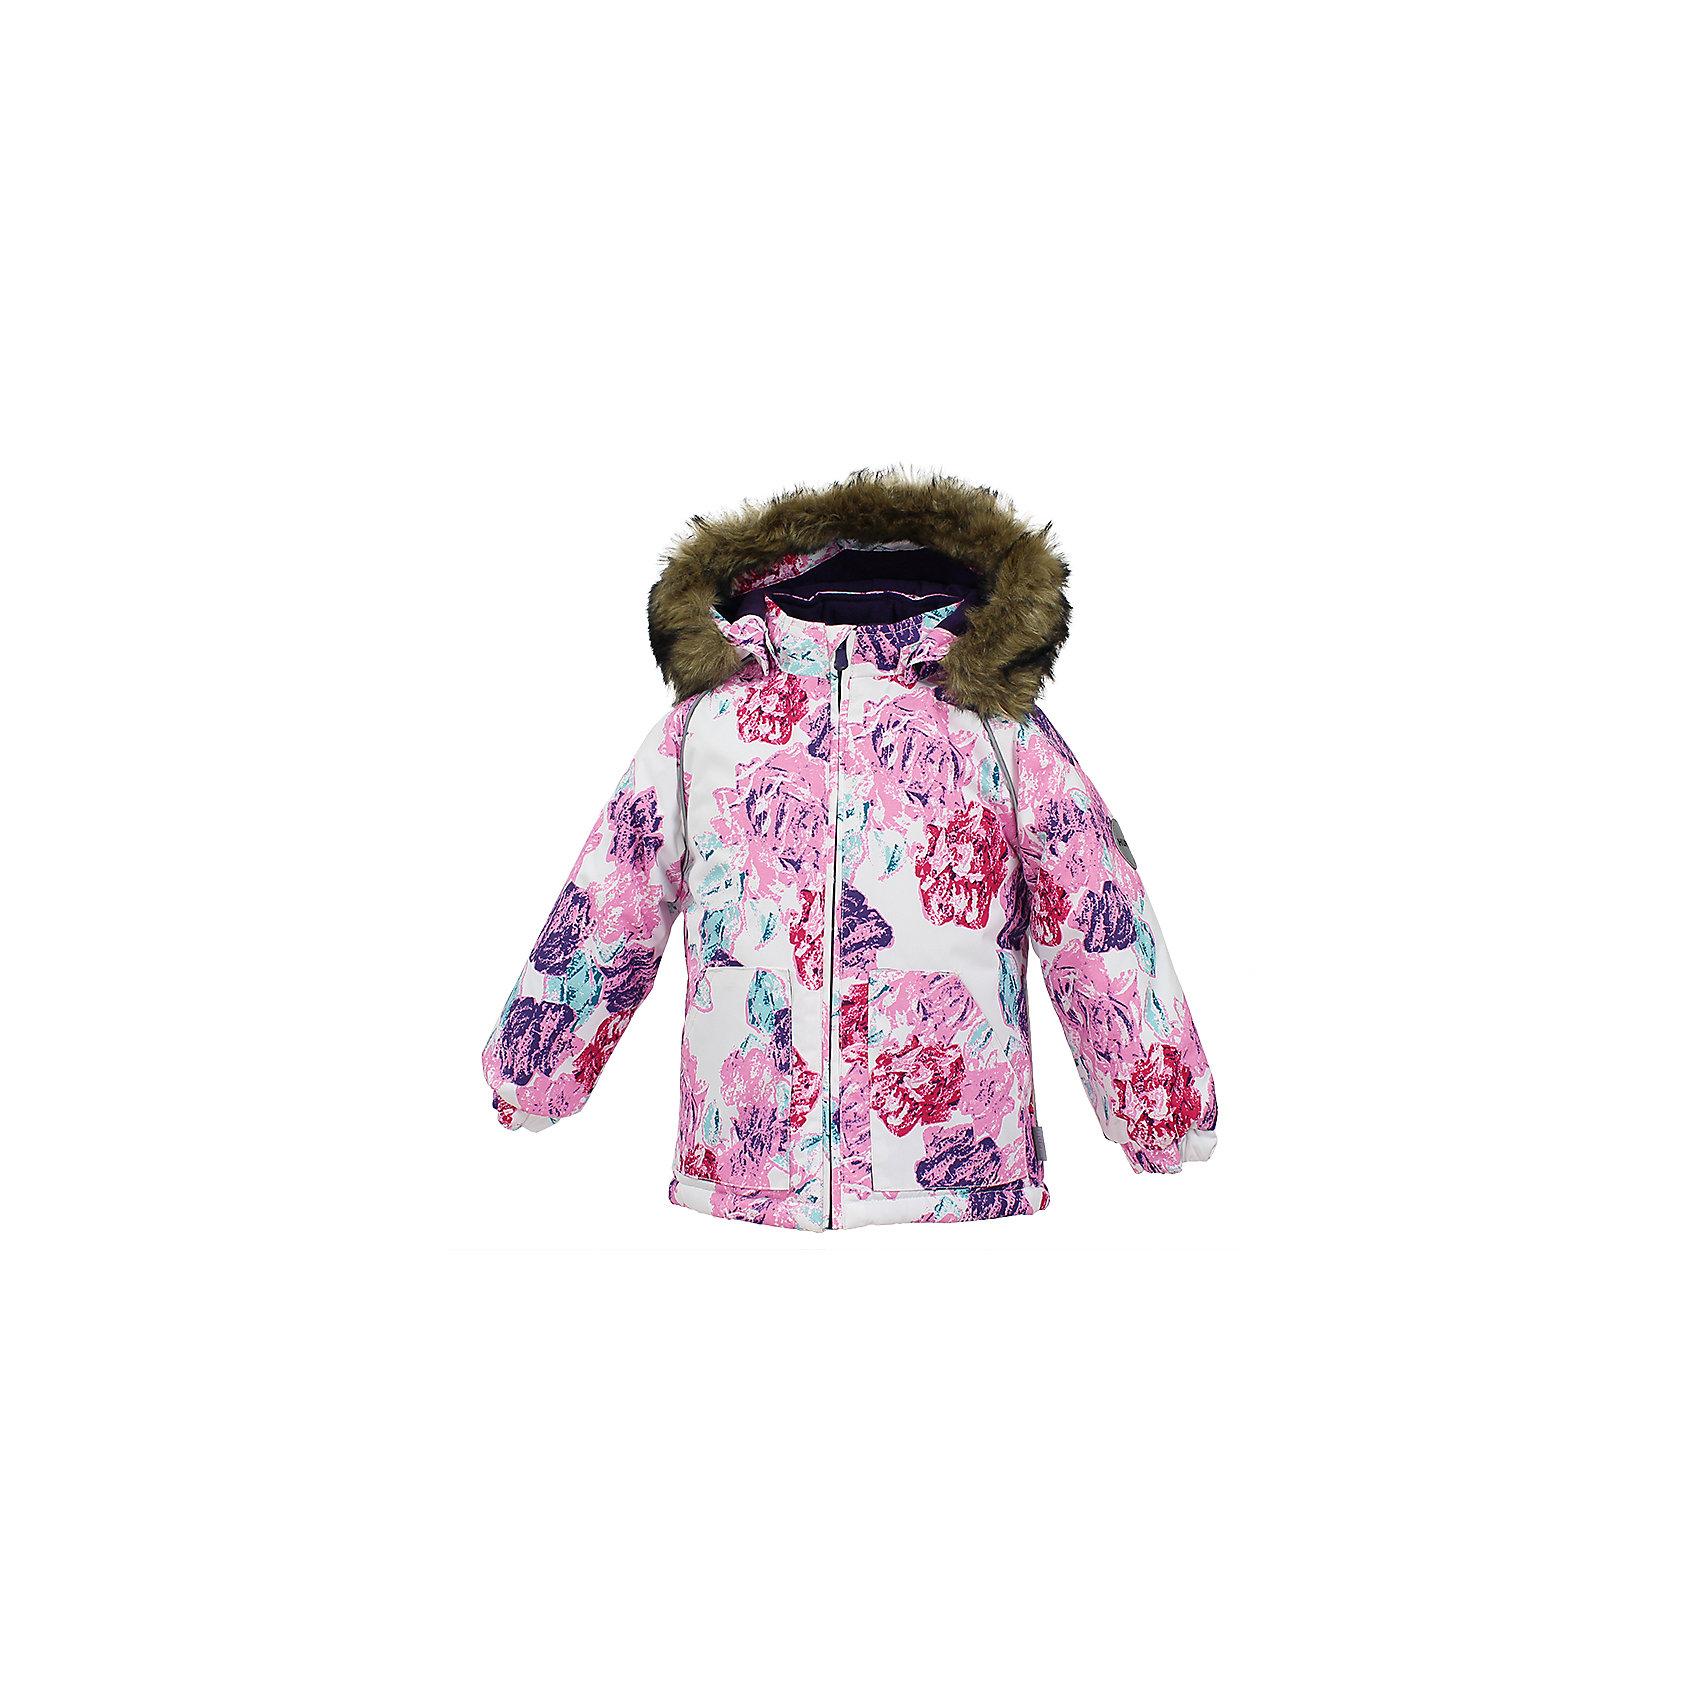 Куртка VIRGO HuppaЗимние куртки<br>Куртка для малышей VIRGO.Водо и воздухонепроницаемость 10 000. Утеплитель 300 гр. Подкладка фланель 100% хлопок. Отстегивающийся капюшон с мехом. Манжеты рукавов на резинке. Имеются светоотражательные детали.<br>Состав:<br>100% Полиэстер<br><br>Ширина мм: 356<br>Глубина мм: 10<br>Высота мм: 245<br>Вес г: 519<br>Цвет: белый<br>Возраст от месяцев: 36<br>Возраст до месяцев: 48<br>Пол: Унисекс<br>Возраст: Детский<br>Размер: 104,80,86,92,98<br>SKU: 7027210